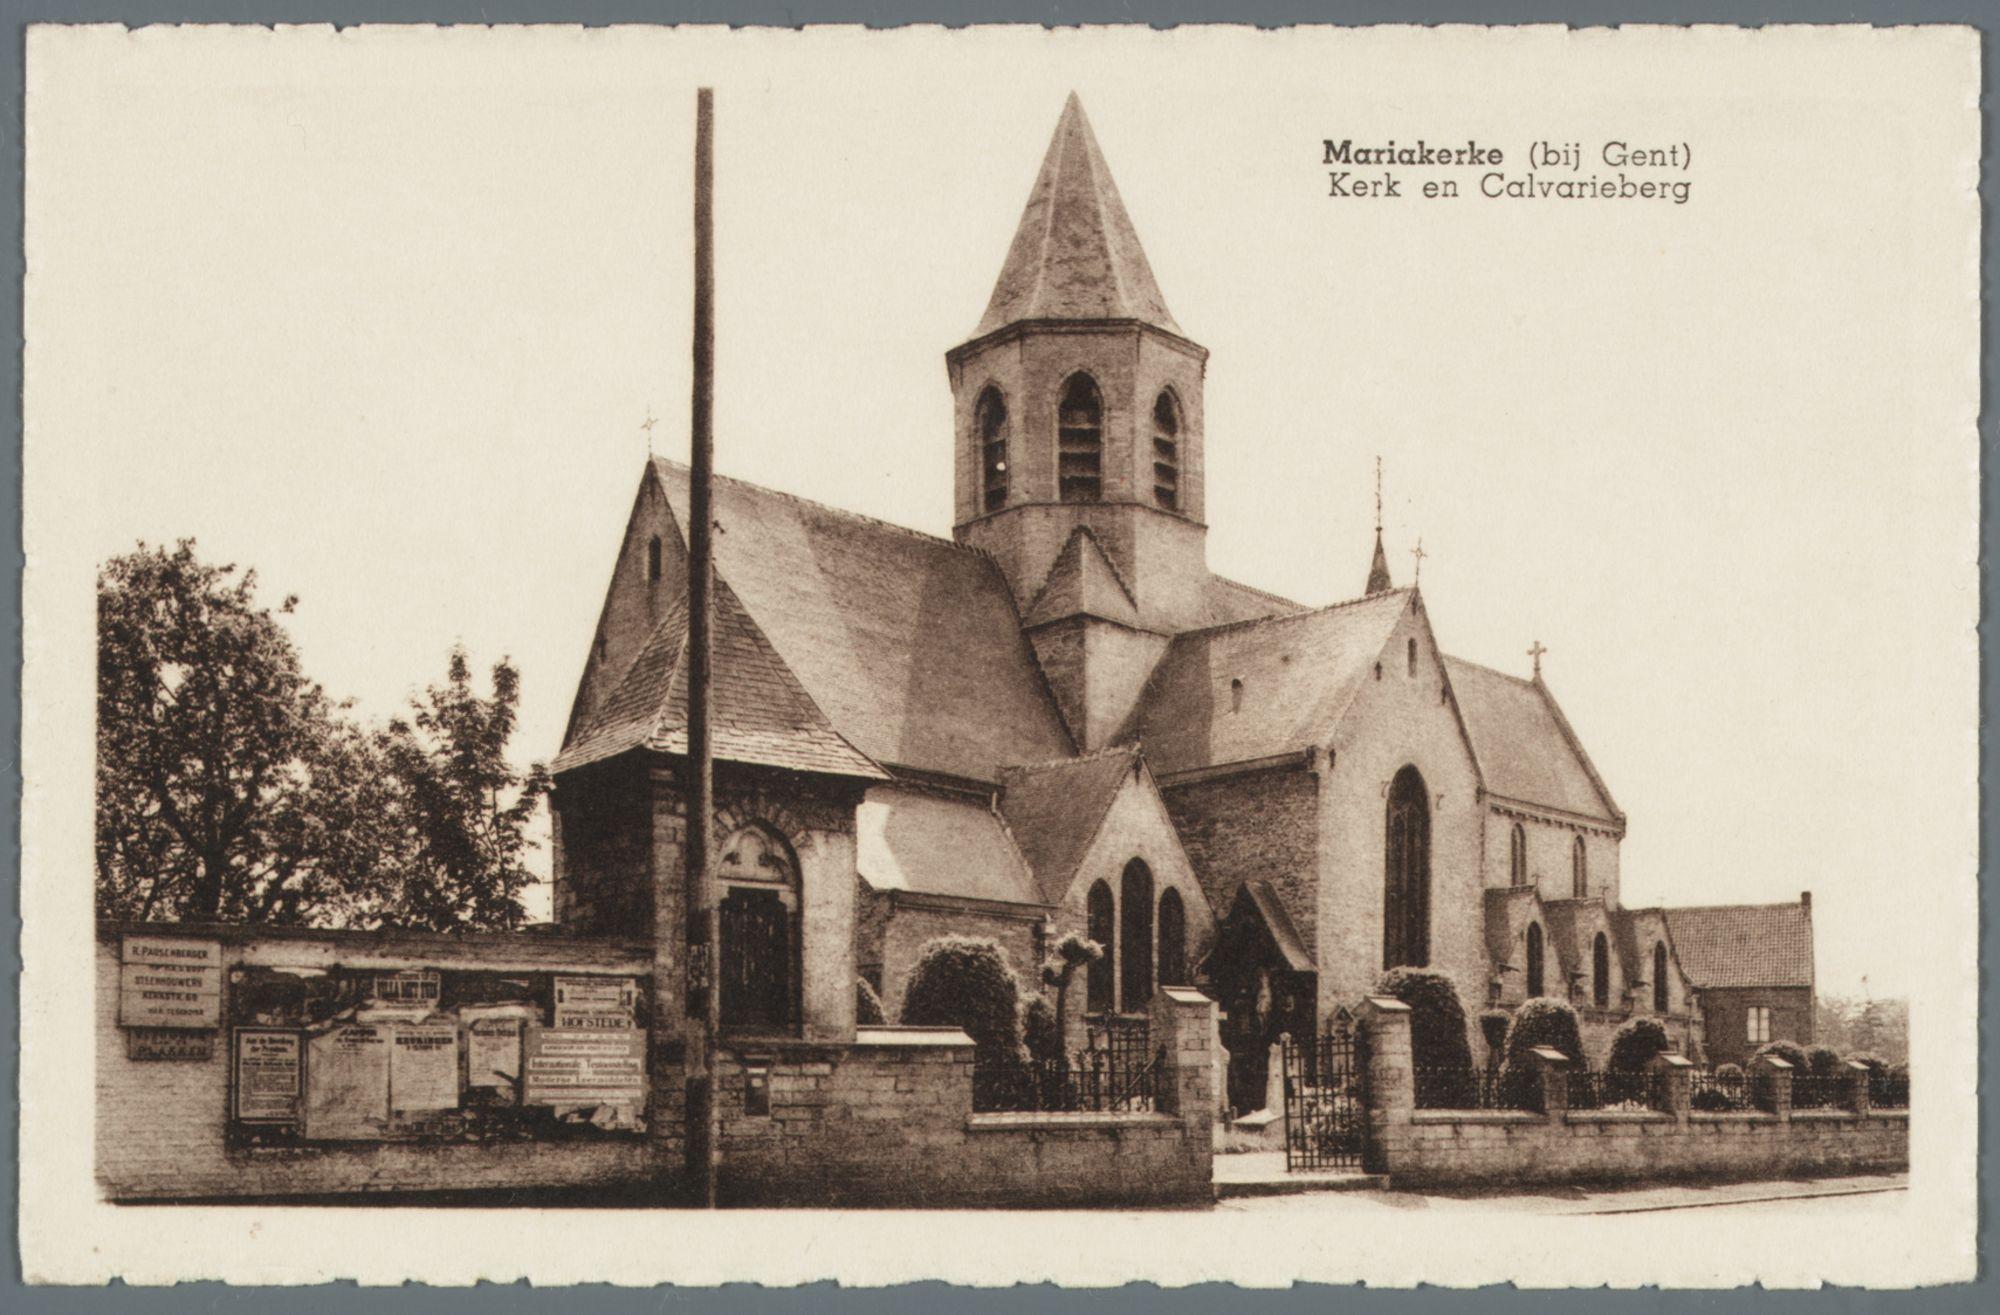 Mariakerke (bij Gent): Onze-Lieve-Vrouwekerk en Calvarie